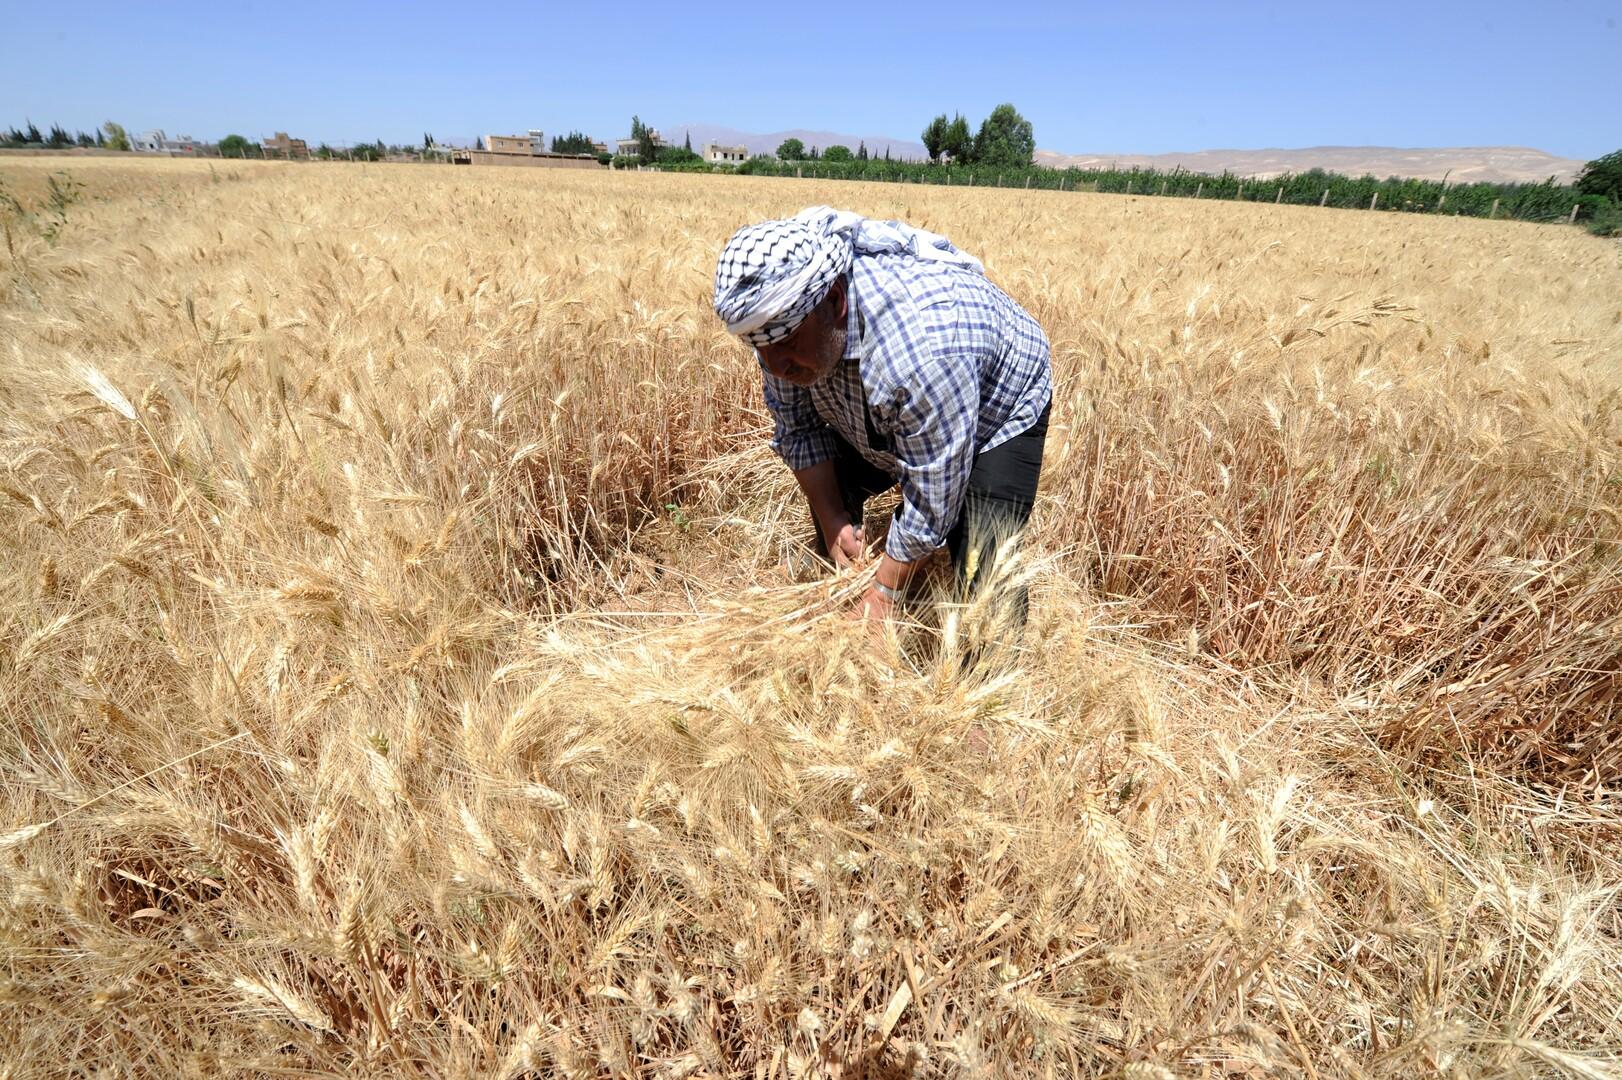 سوريا تشتري 900 ألف طن من القمح المحلي